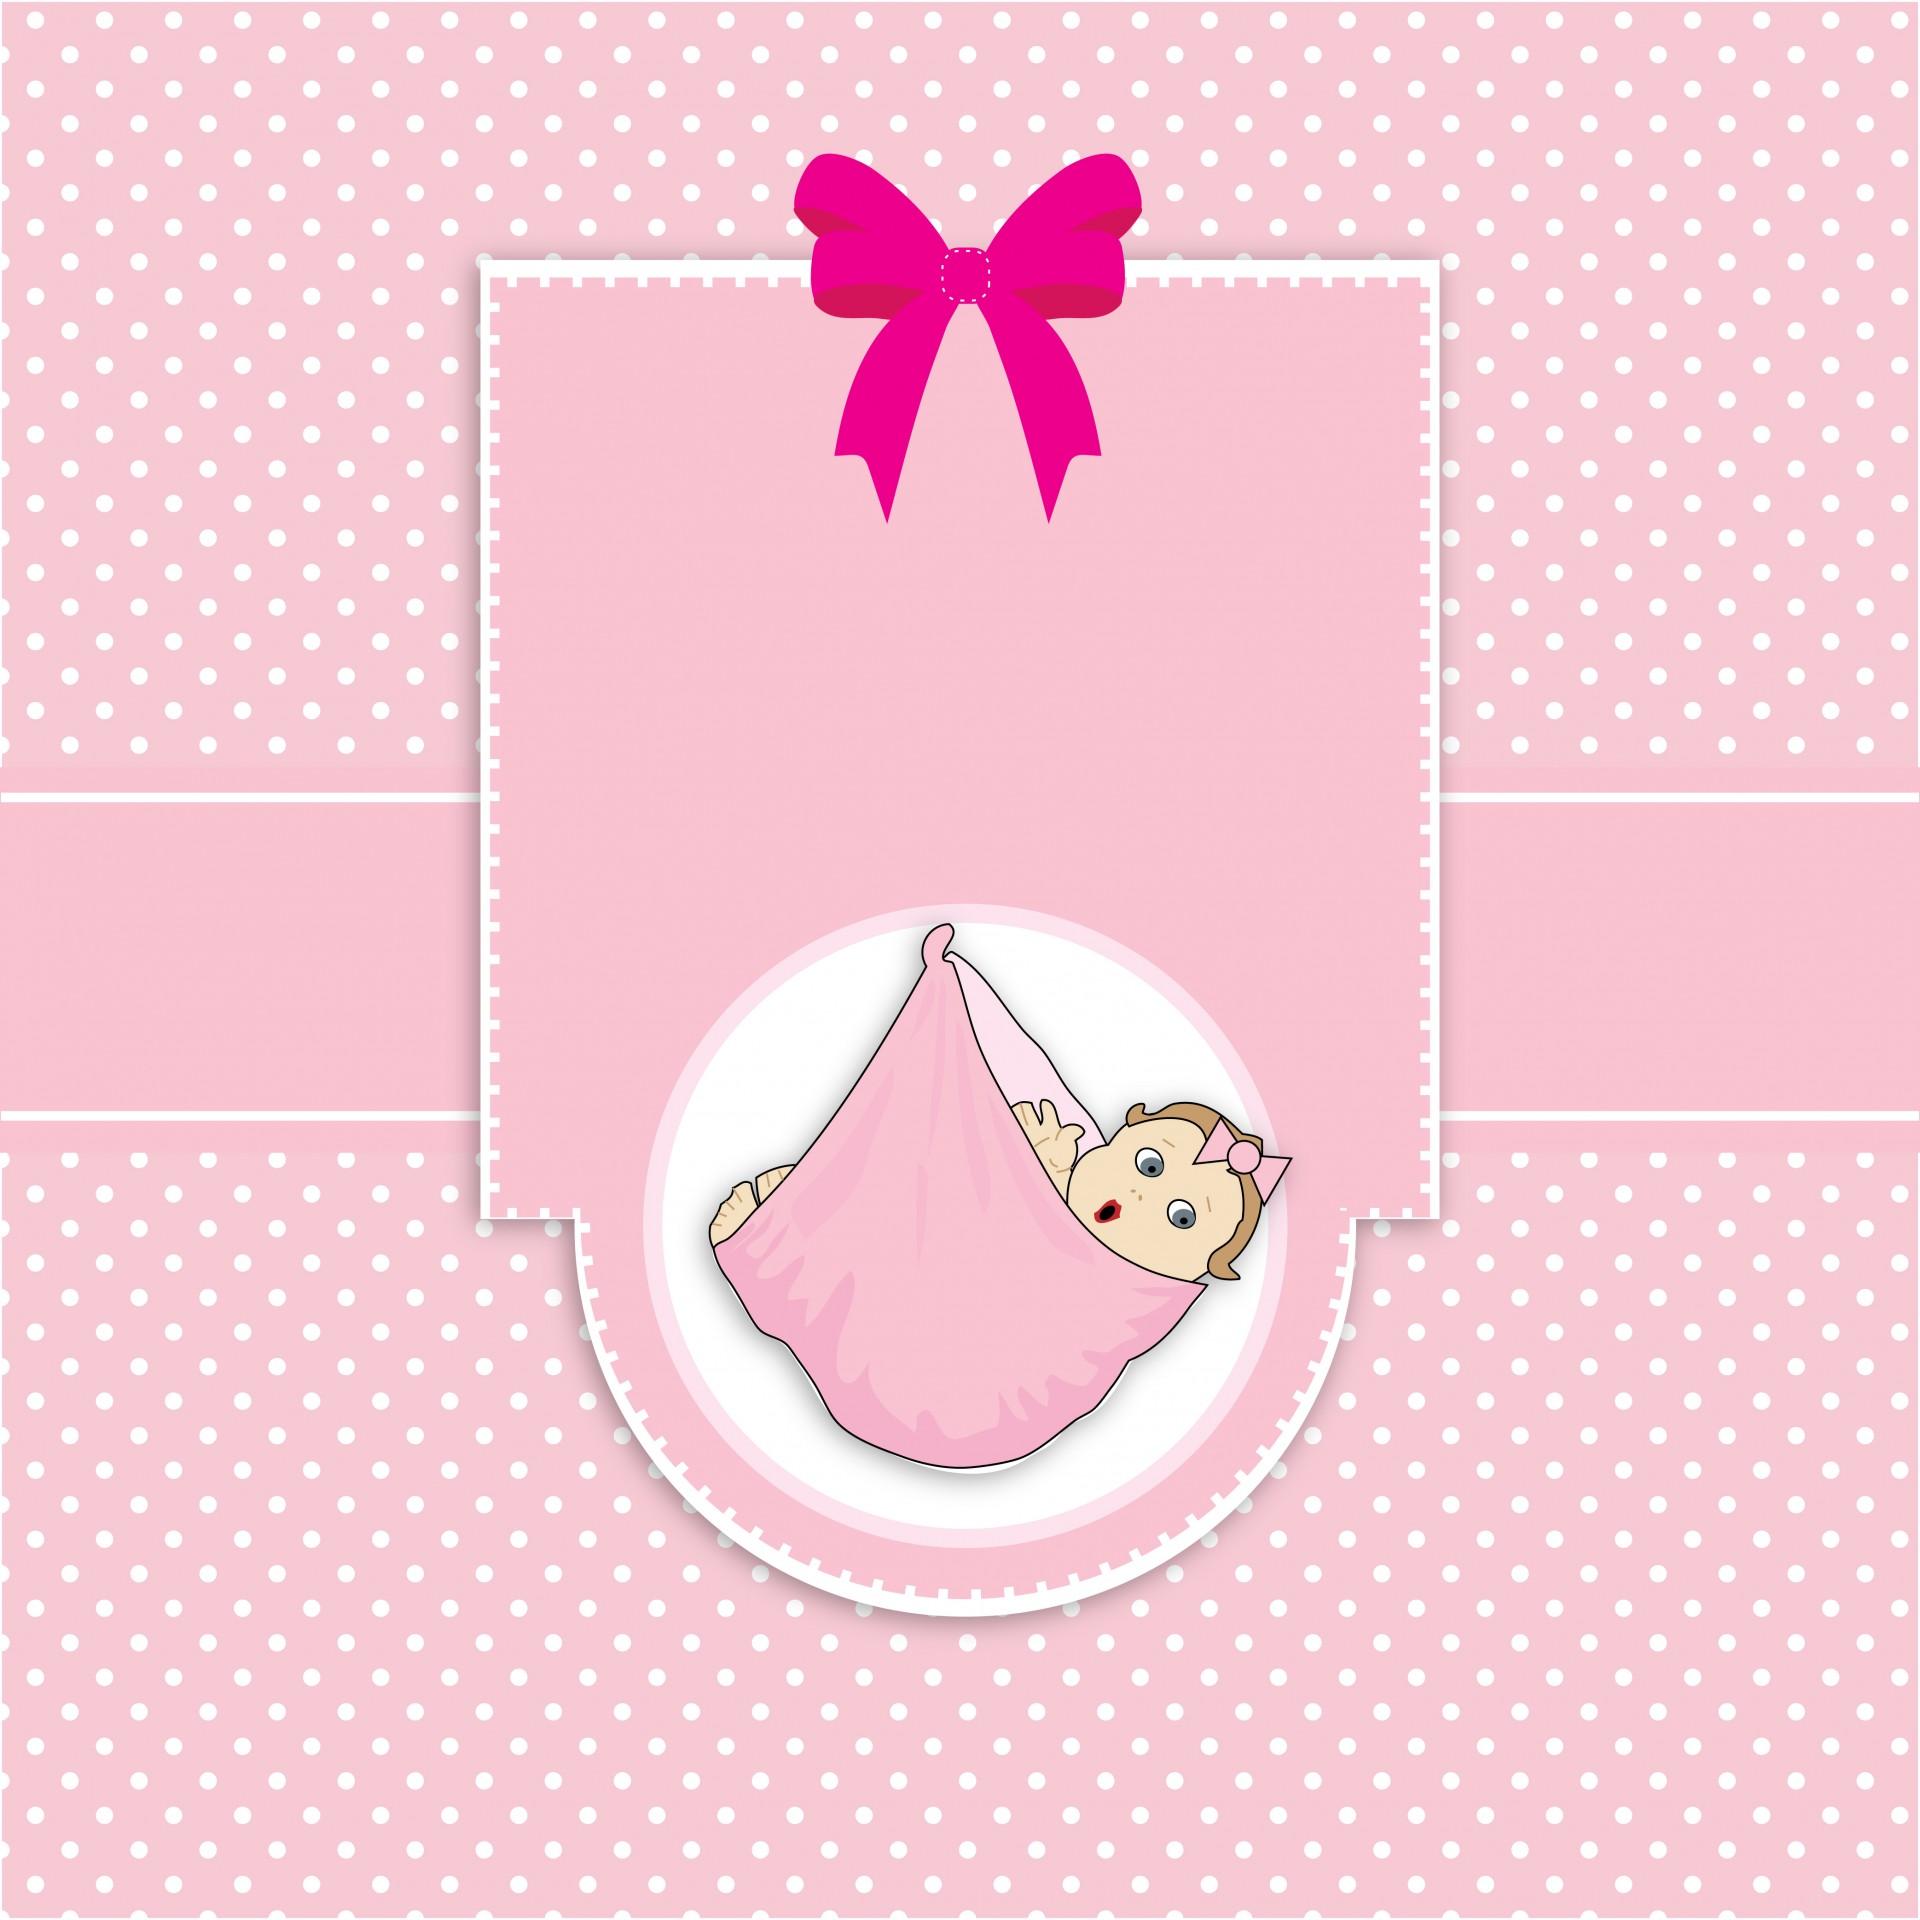 Смешные, шаблон открытки для новорожденной девочки